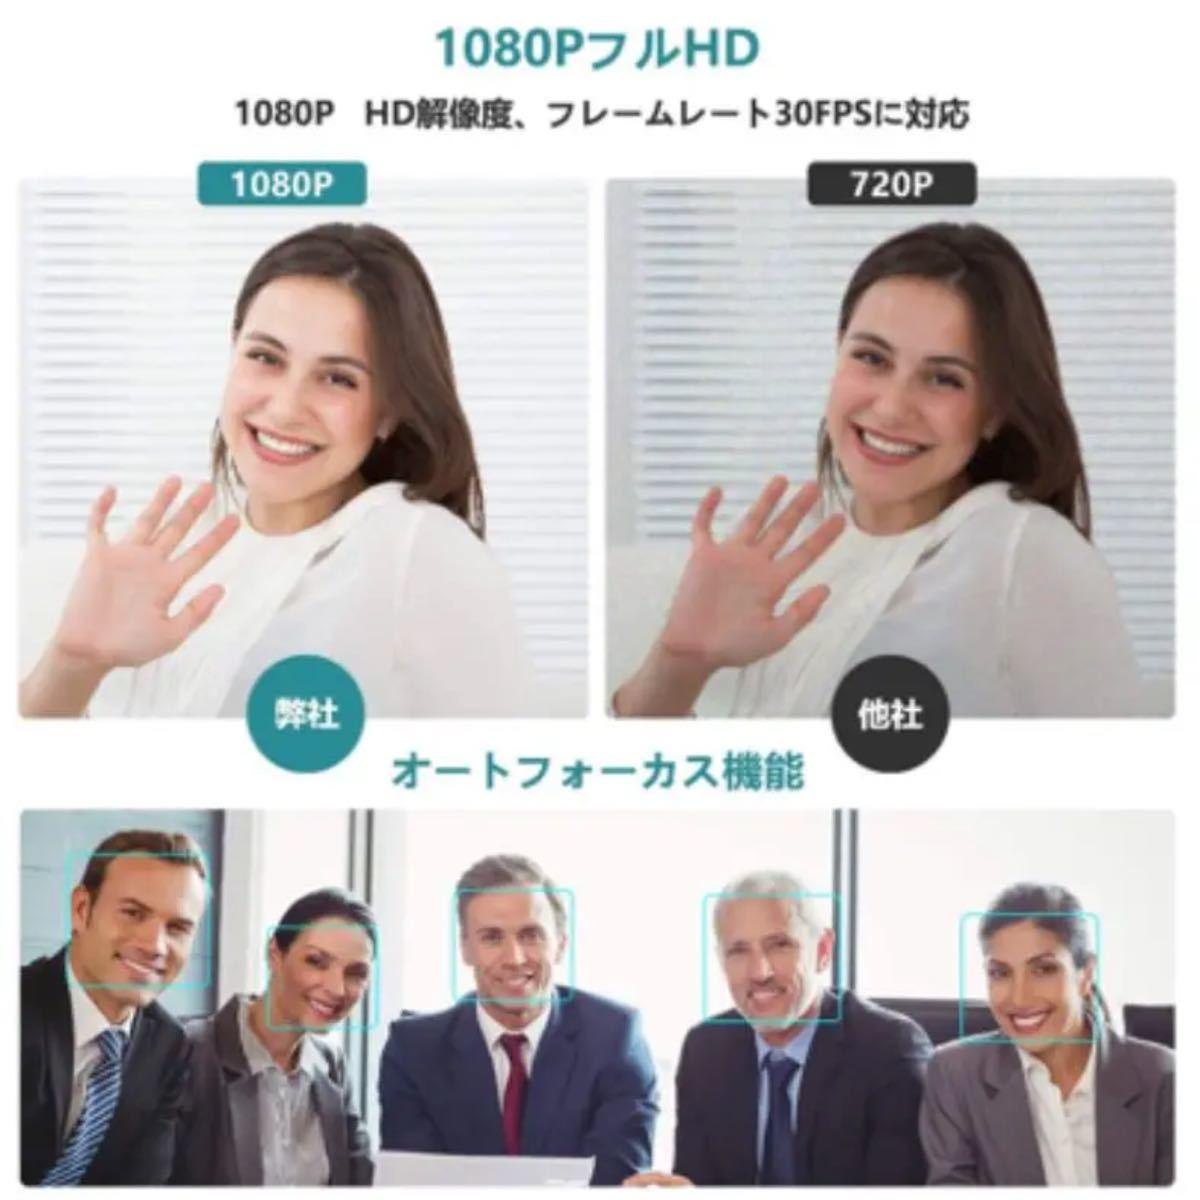 ウェブカメラ フルHD 1080P Webカメラ 30fps 200万画素 USBカメラ 自動フォーカス 内蔵マイクノイズ対策